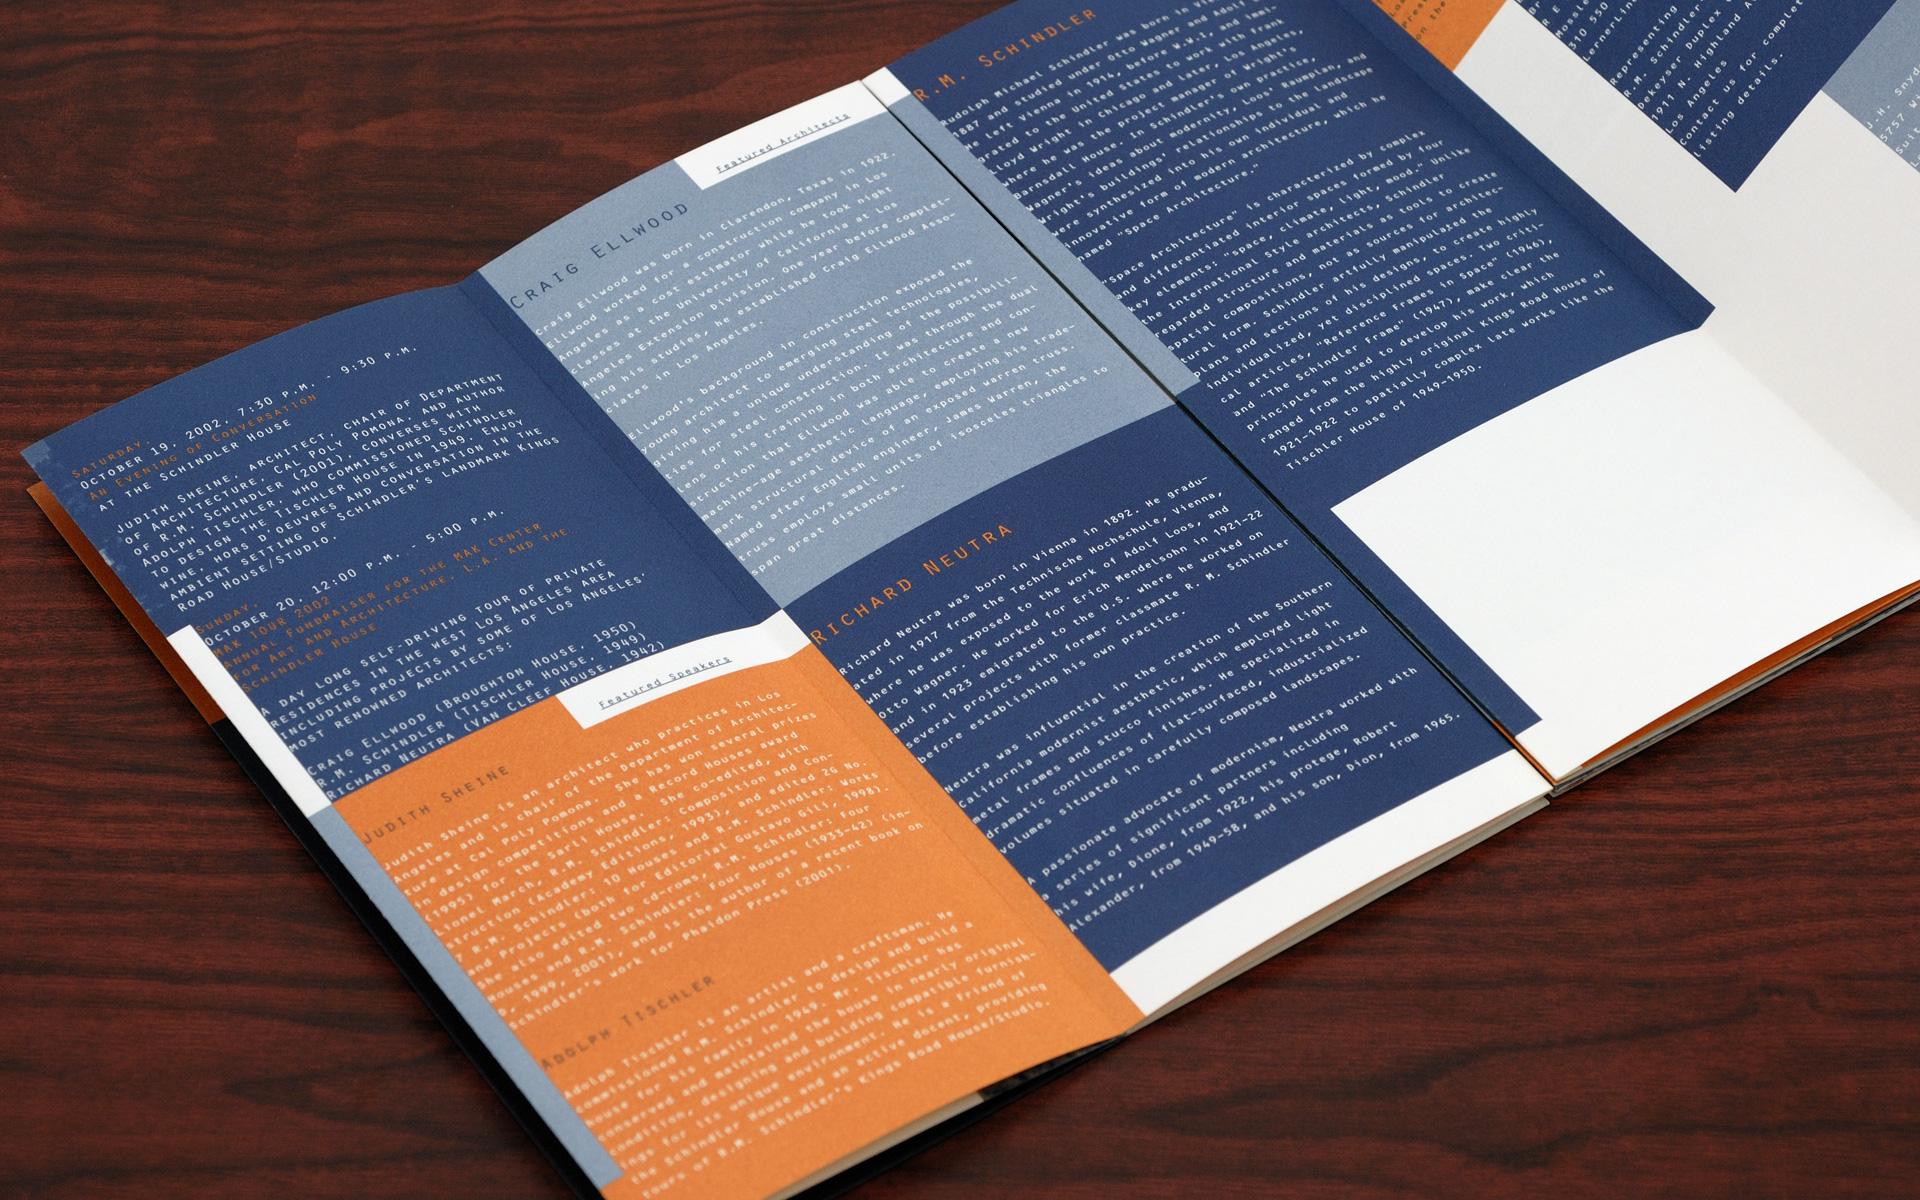 MAK_Center_Brochure_04